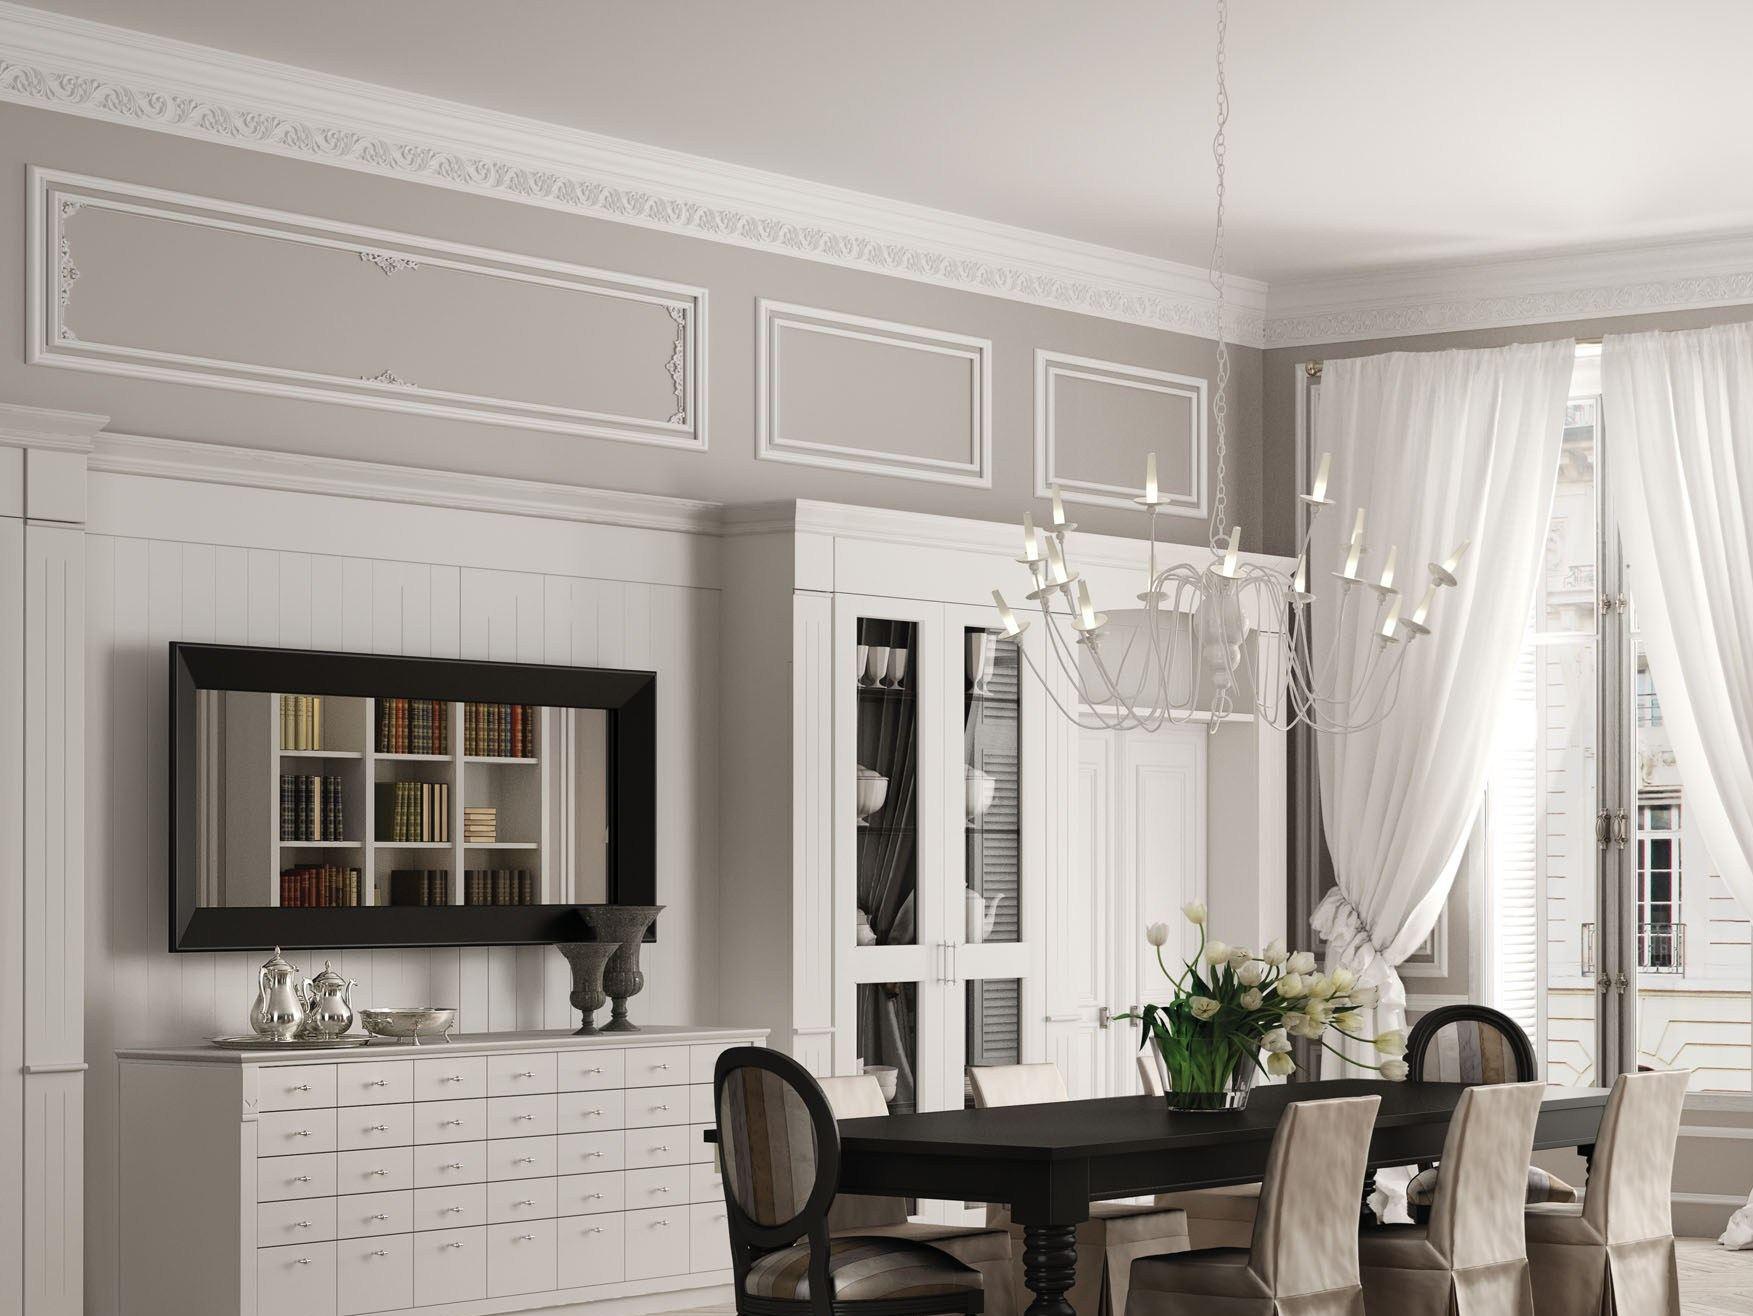 Белые плинтуса на потолке в бело-сером интерьере